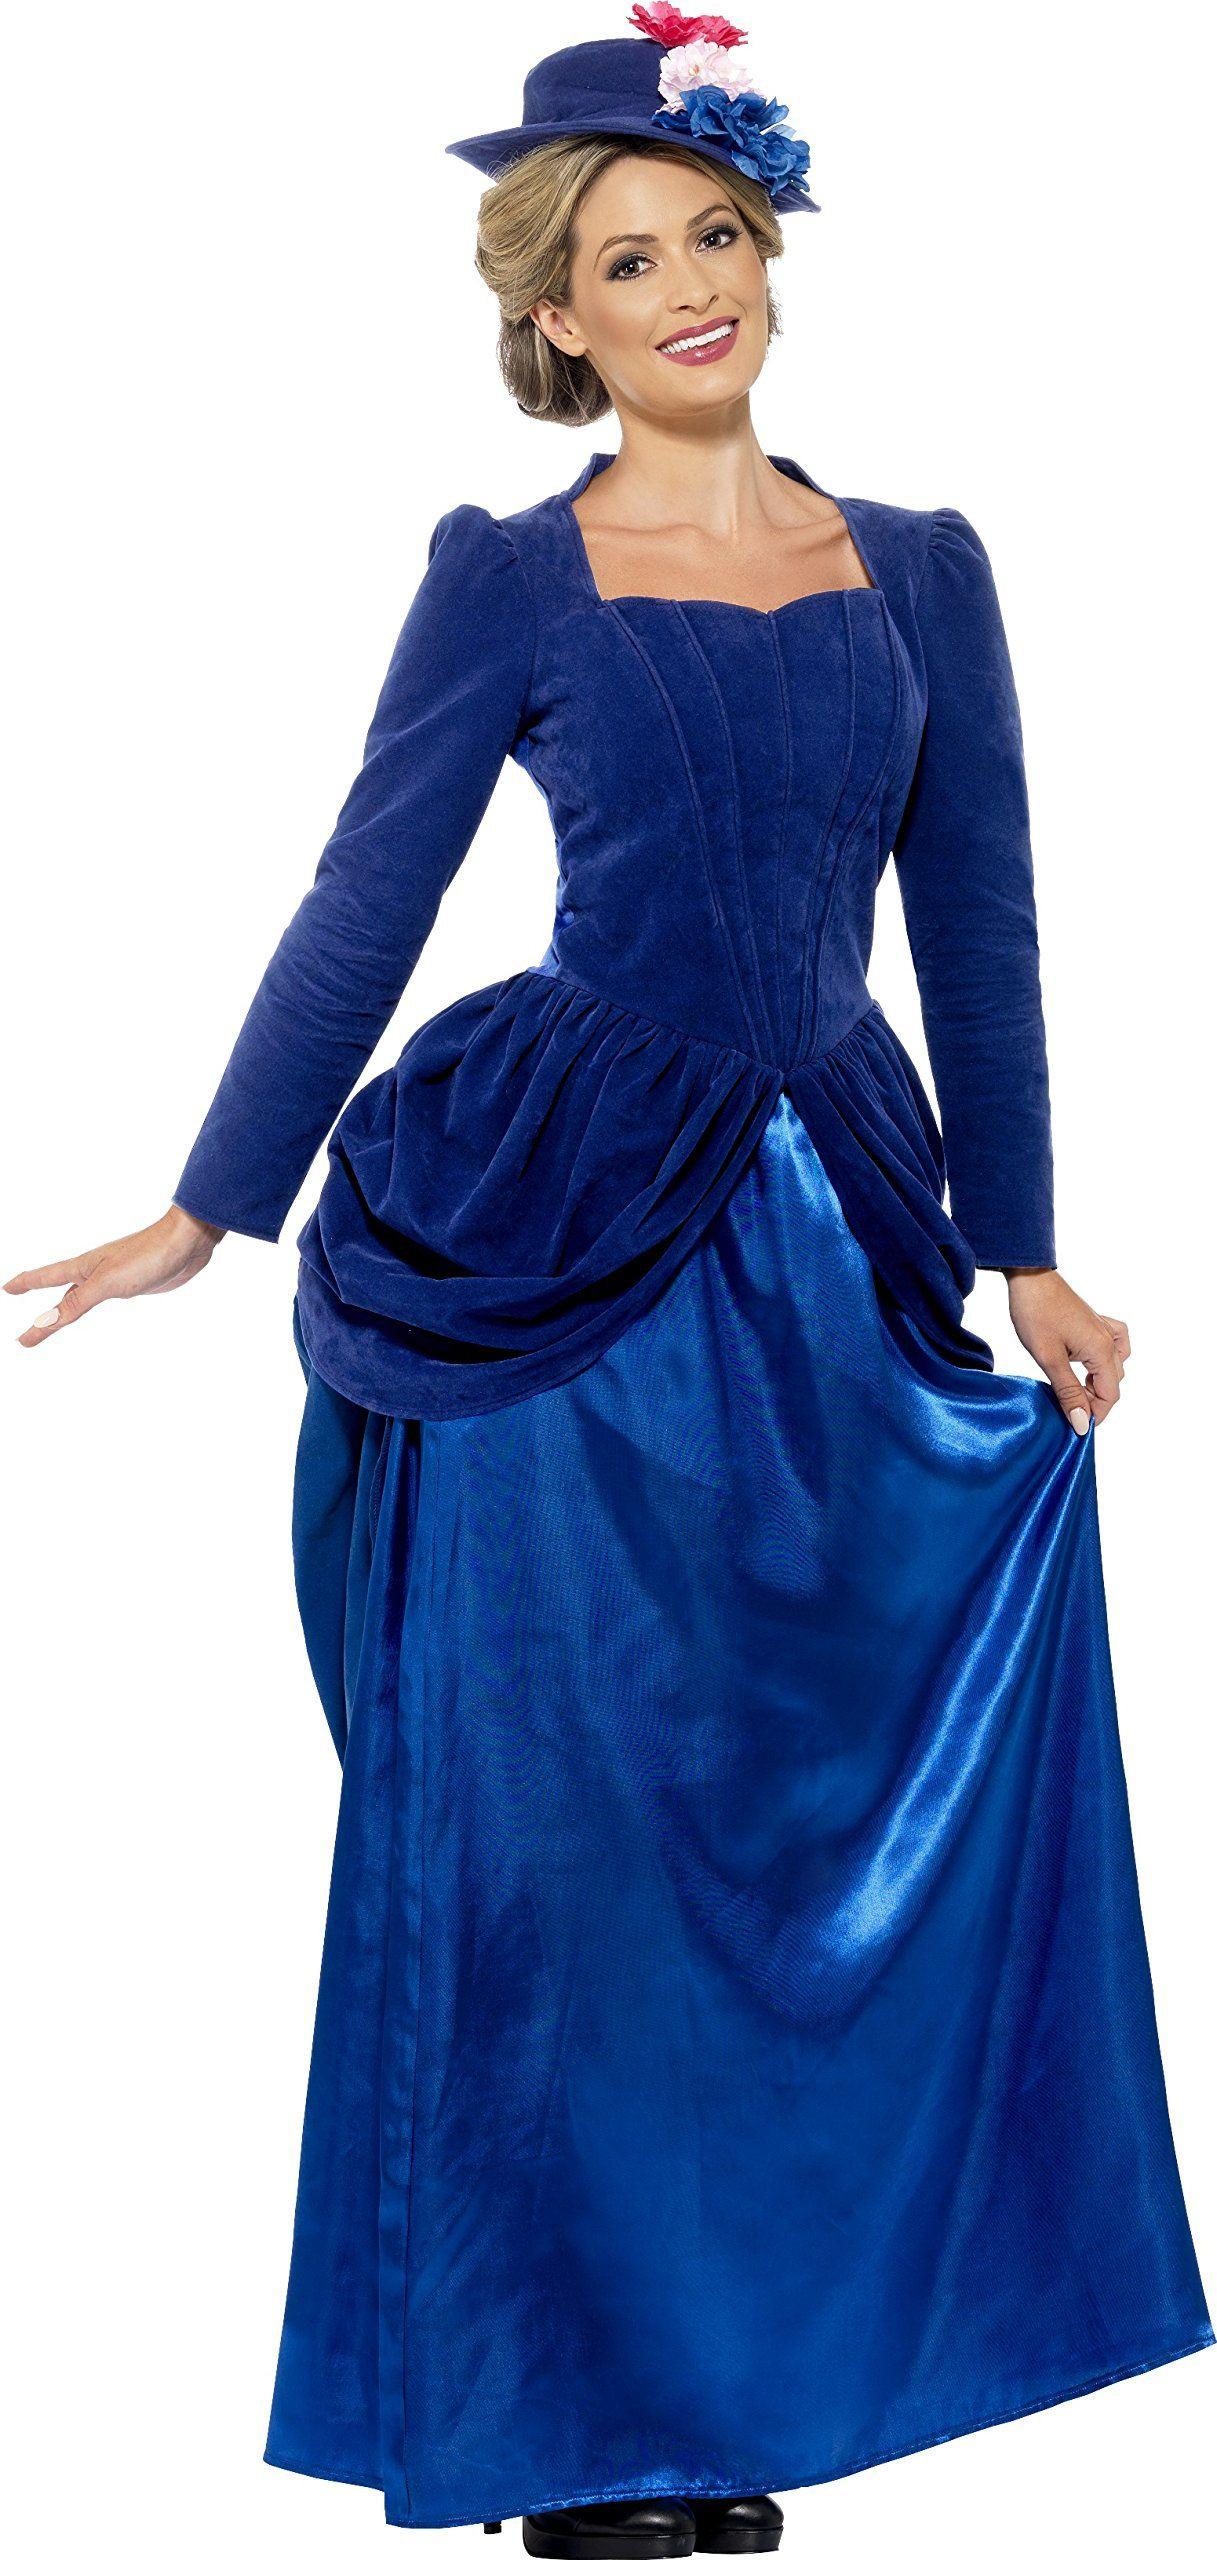 Deluxe Victorian Kostuum